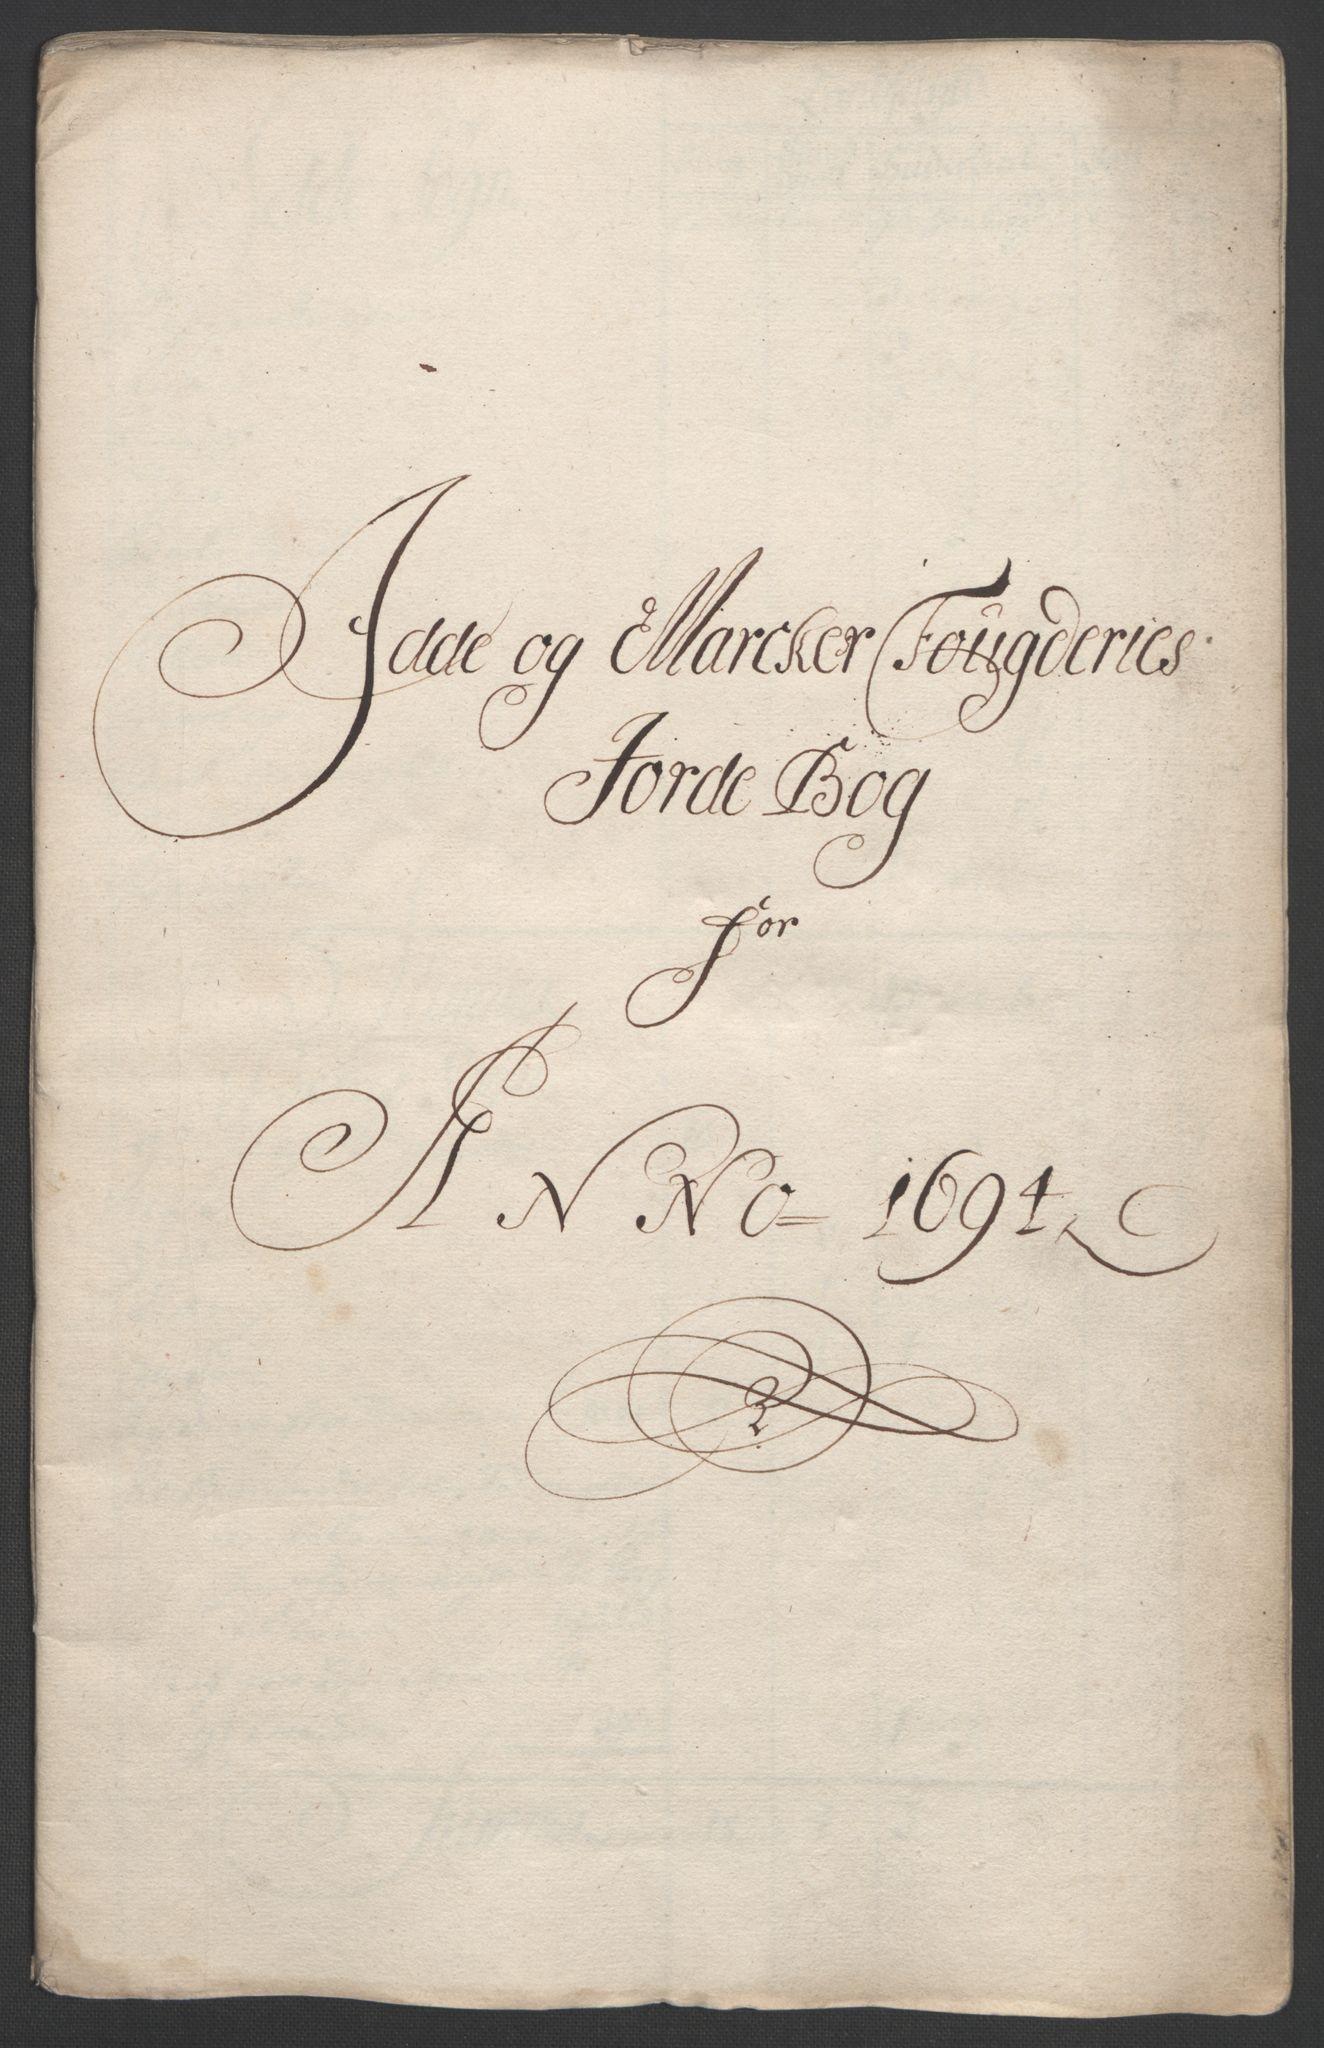 RA, Rentekammeret inntil 1814, Reviderte regnskaper, Fogderegnskap, R01/L0012: Fogderegnskap Idd og Marker, 1694-1695, s. 19